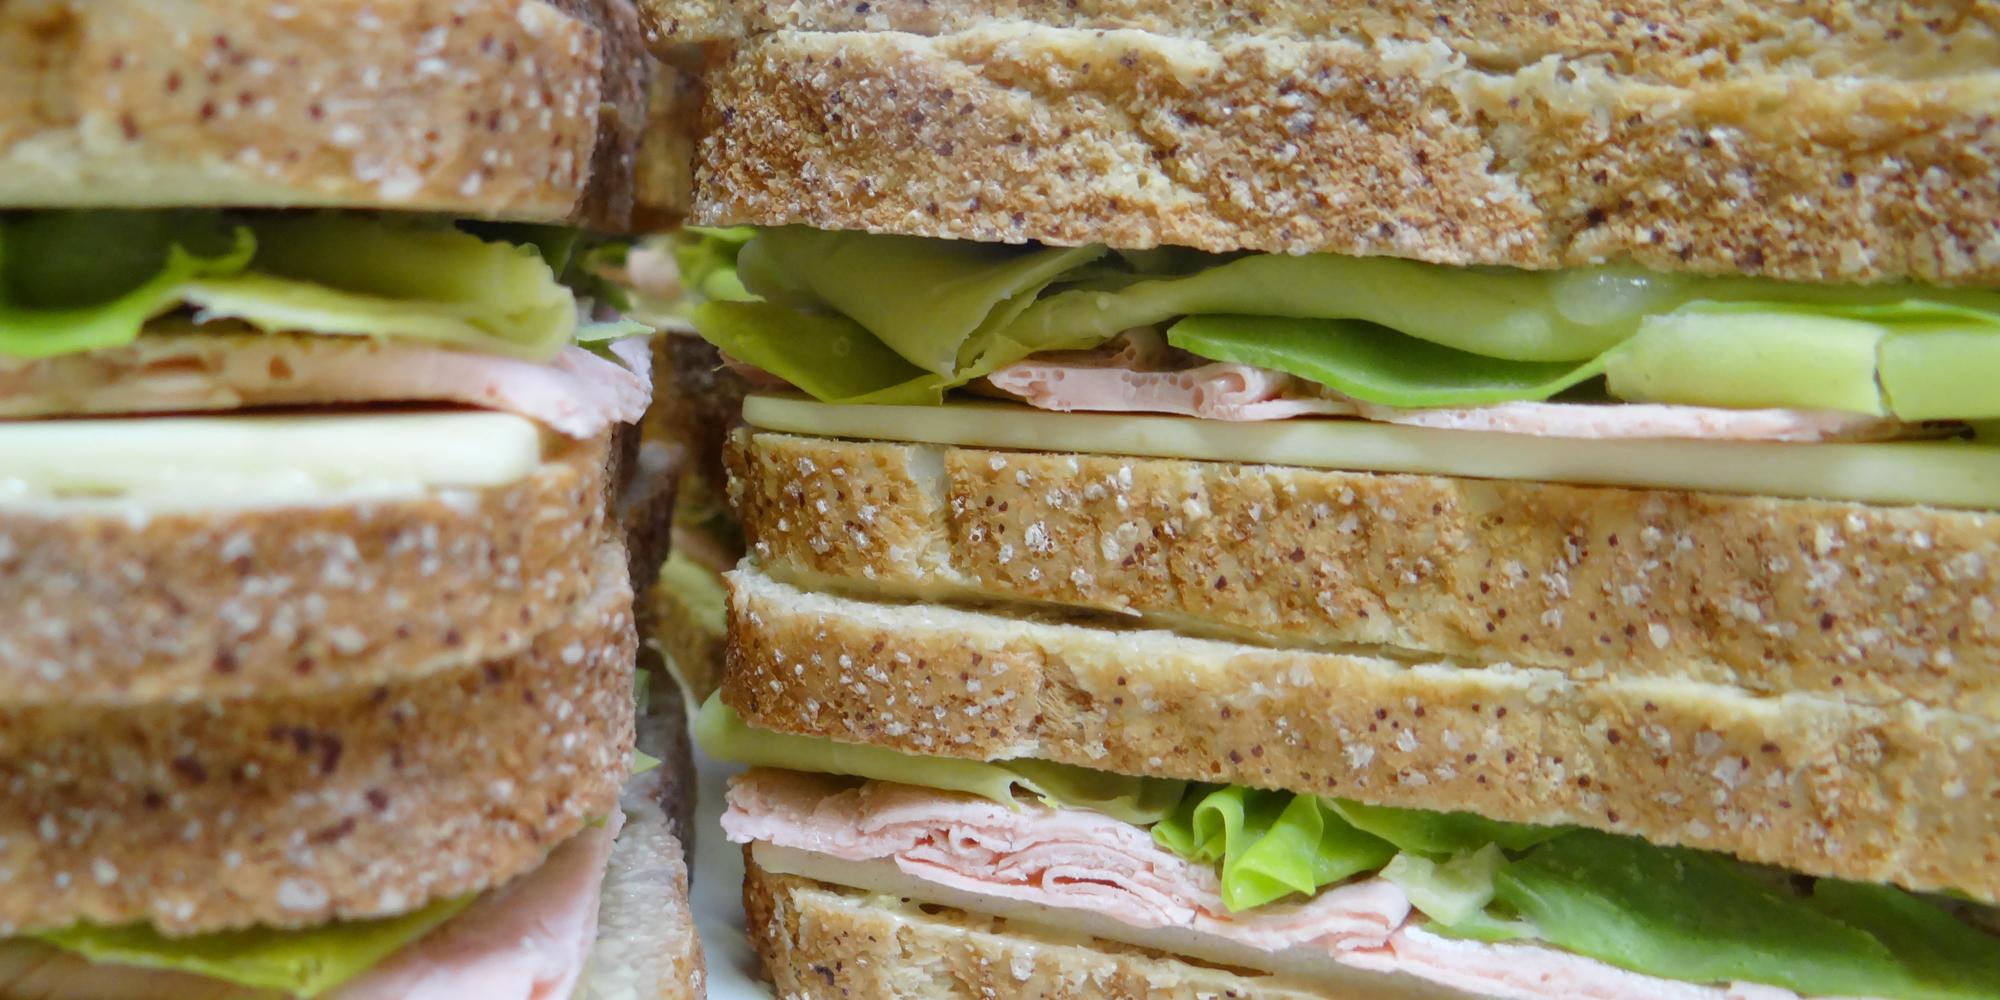 gros plan sur nos sandwich factices en résine réalisés pour Sodebo avec des sanwich club pain de mie, salade, jambon, fromage